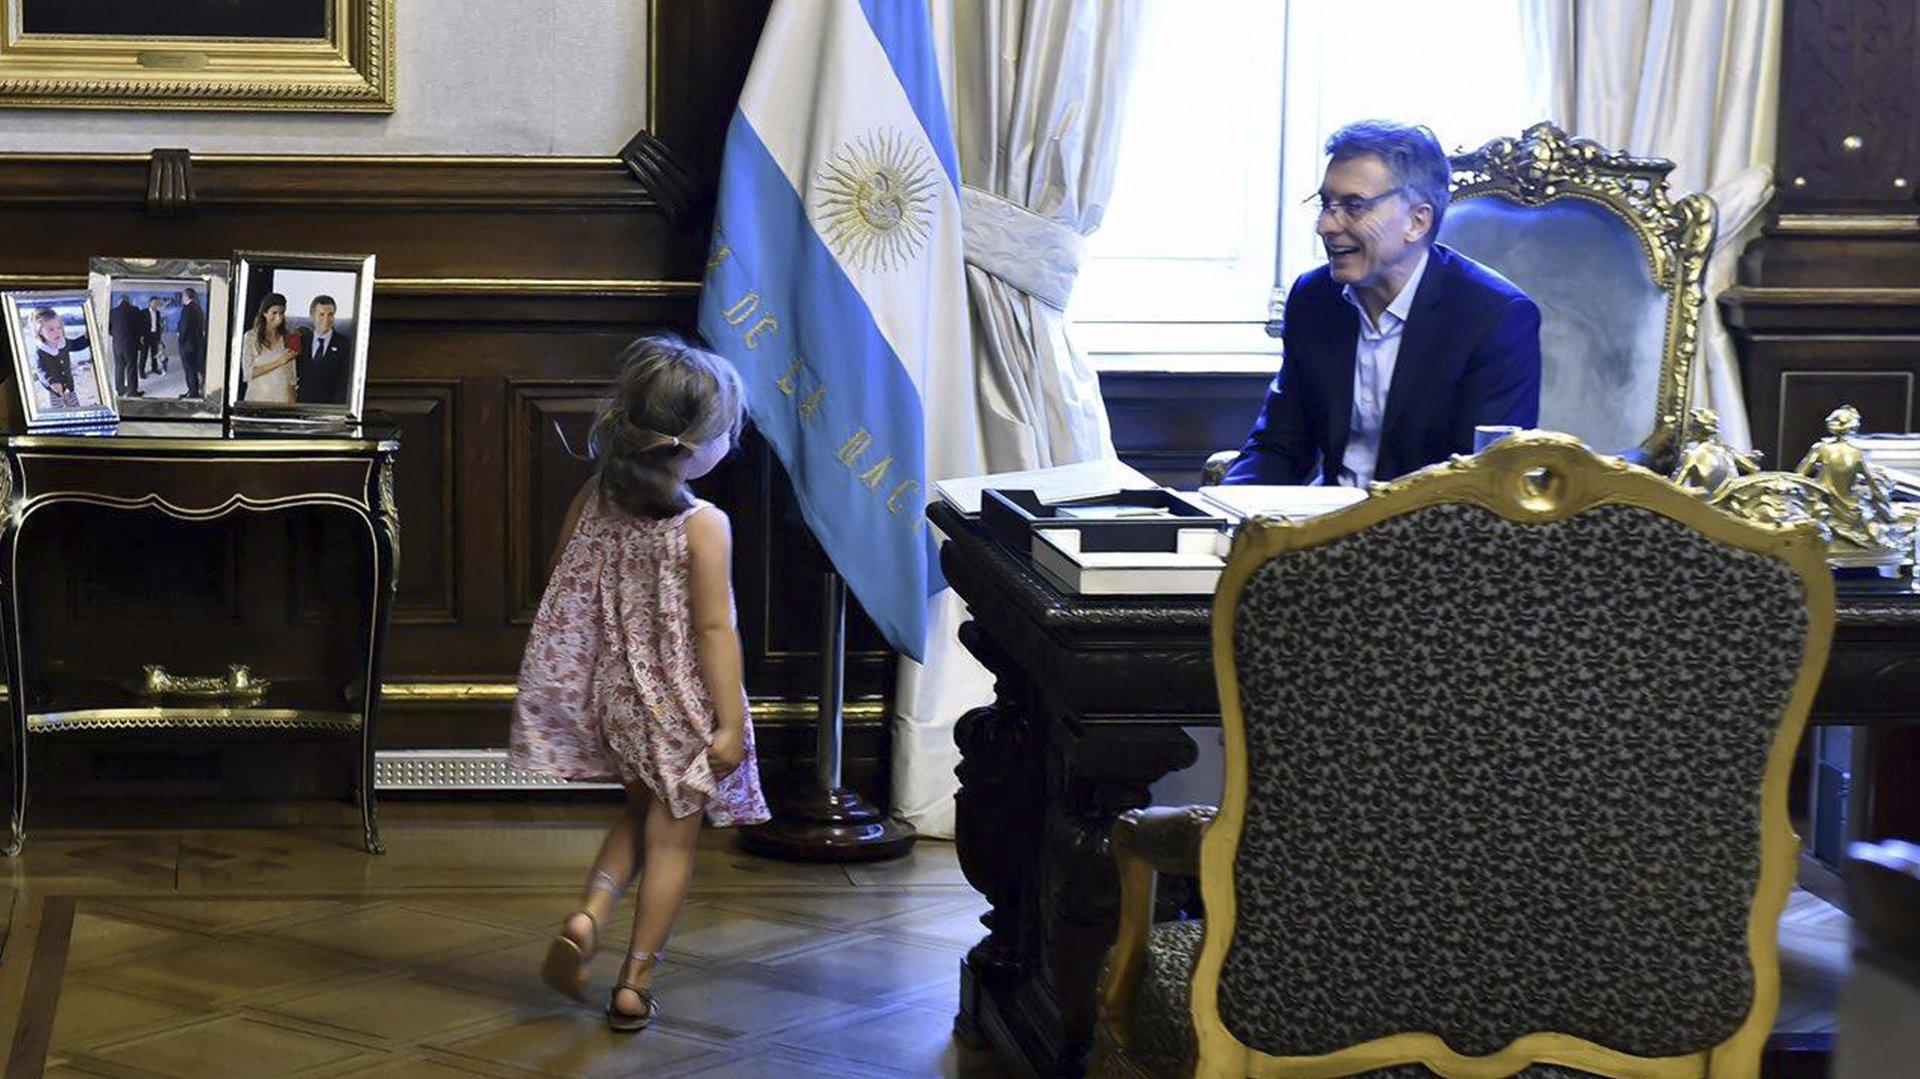 Antonia es la menor de los 4 hijos que tiene Macri